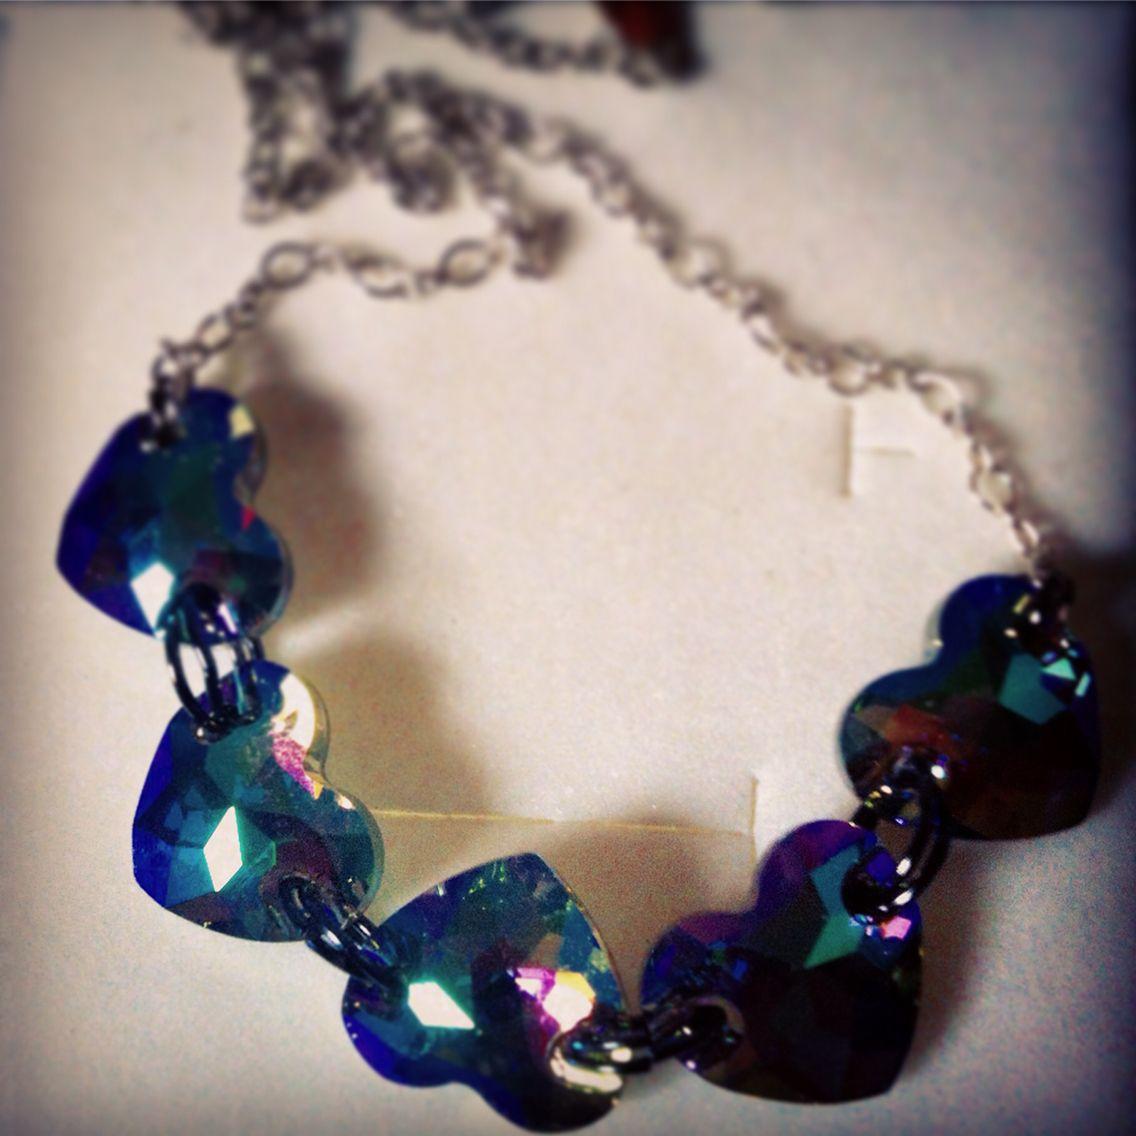 Collana con cuori color blu, verde e viola